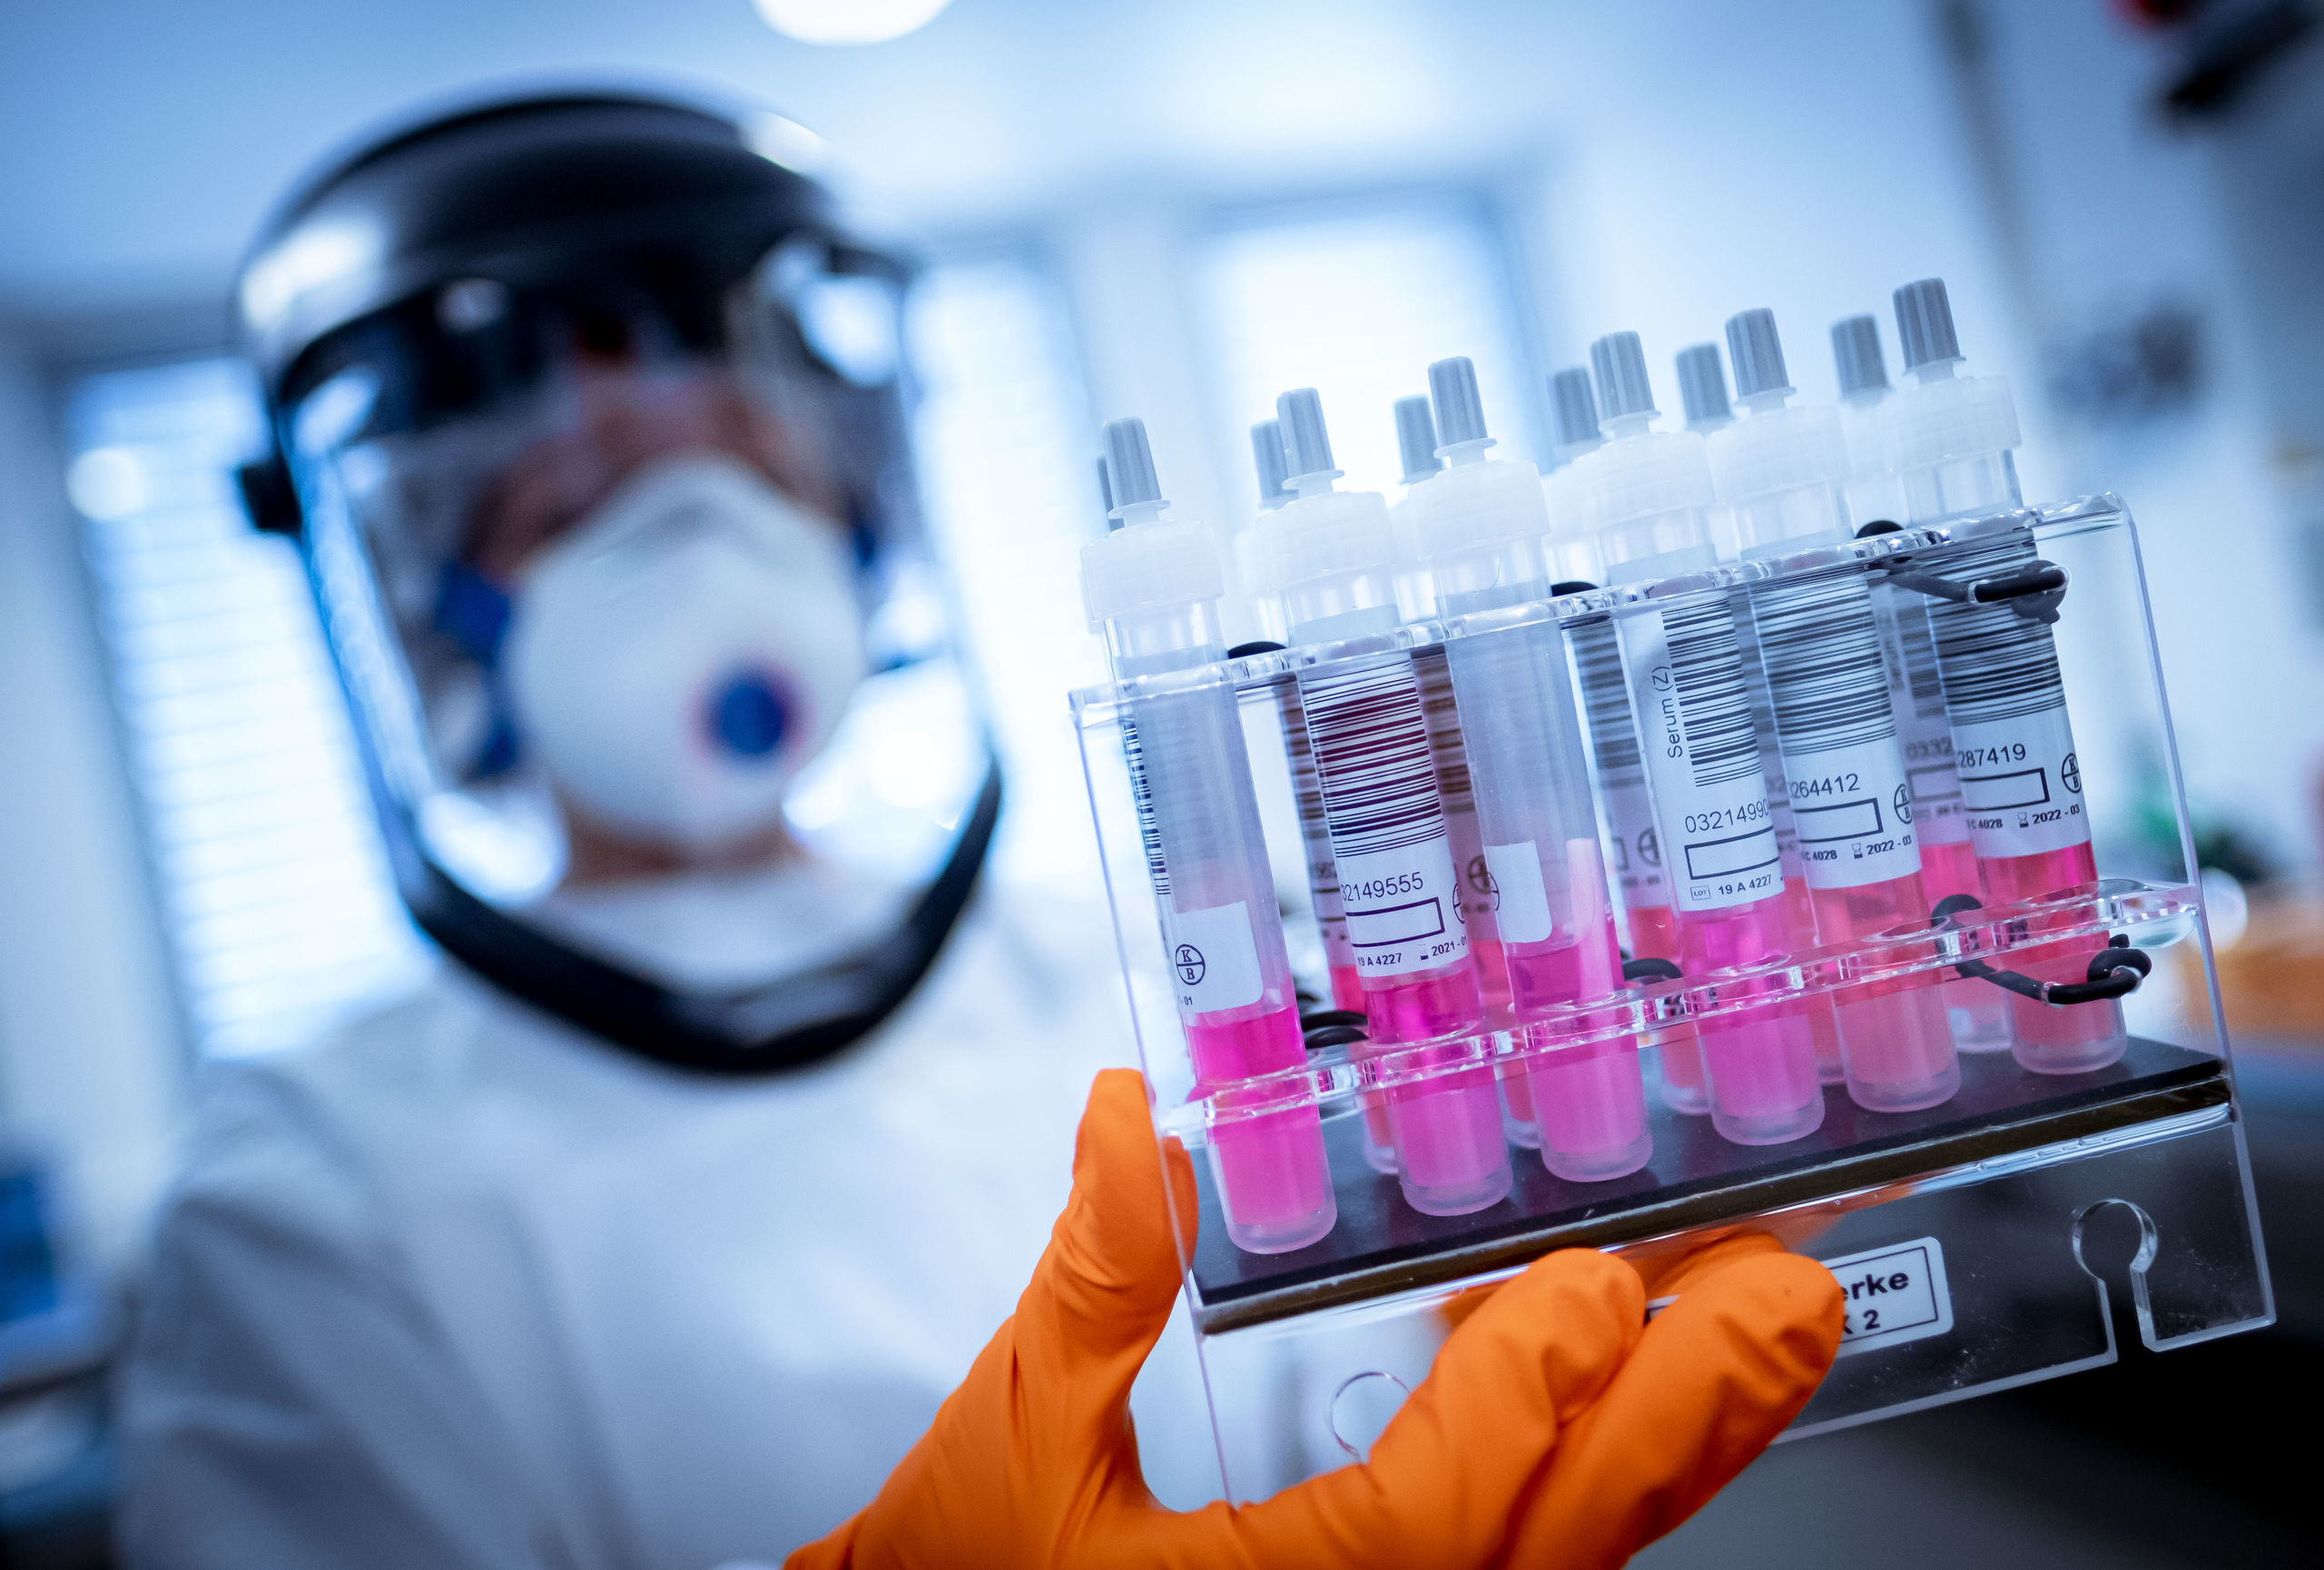 laboratorio-vacuna-covid-archivo-030621.jpg